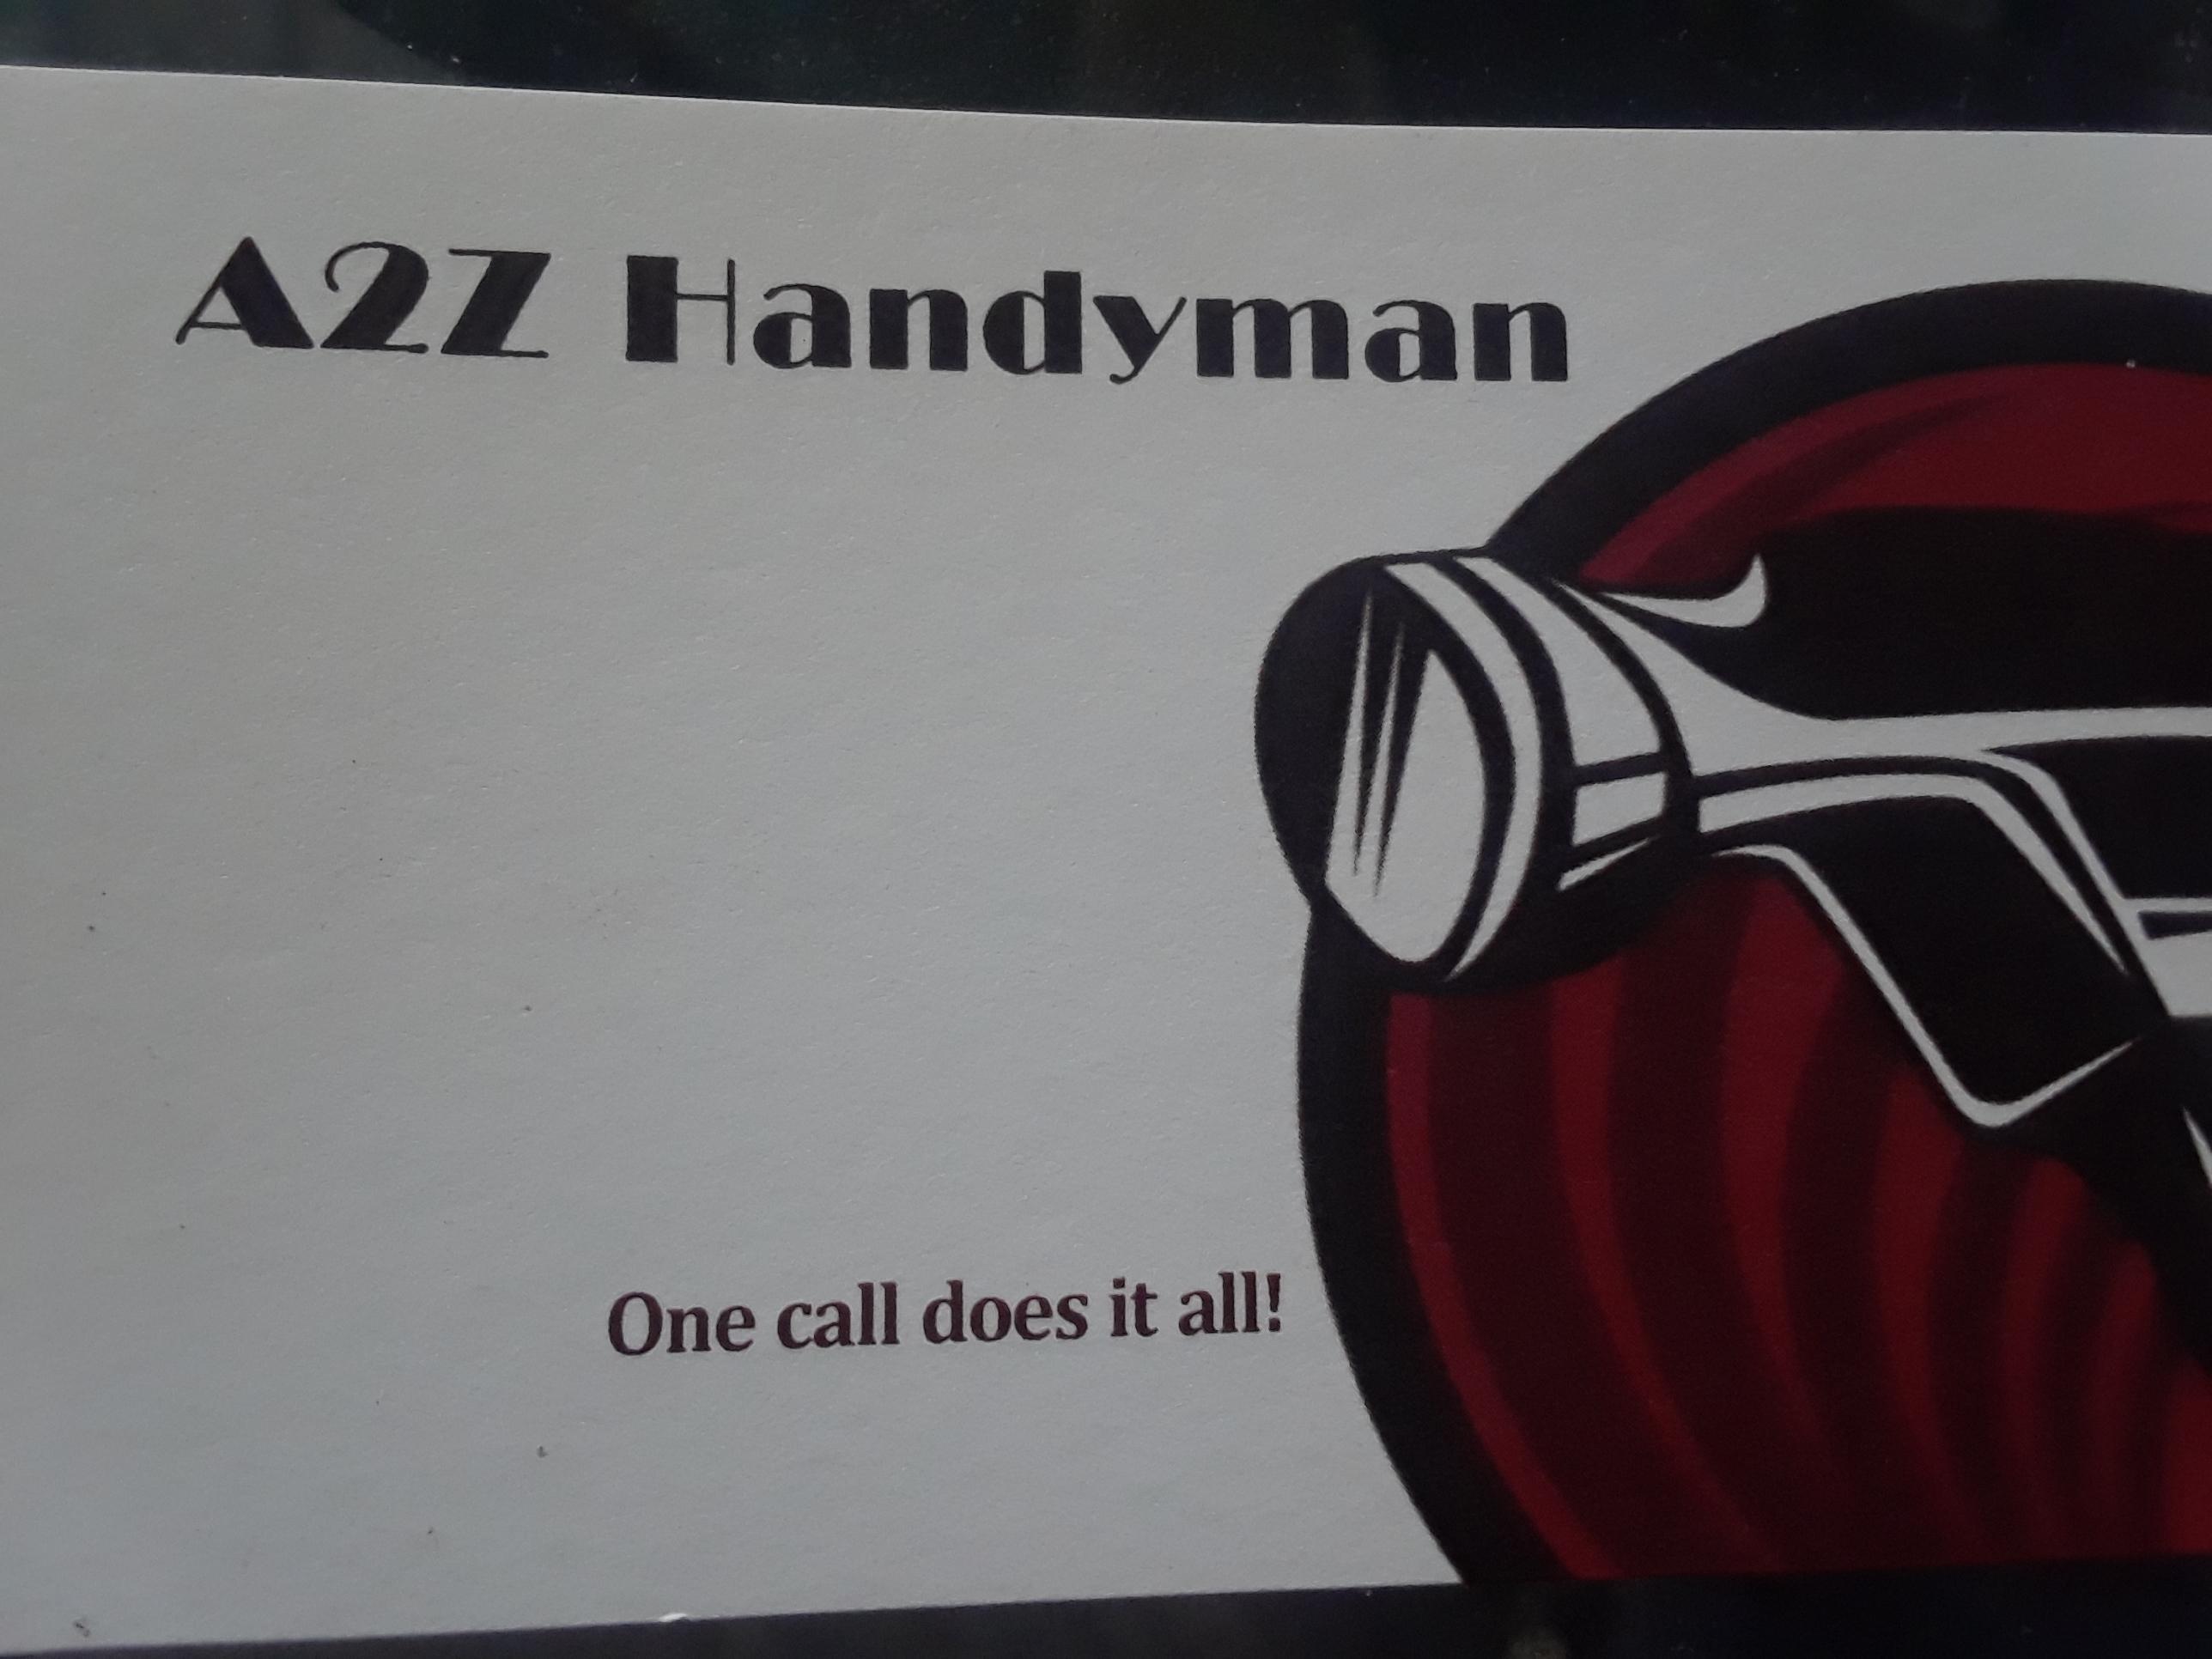 A2Z HANDYMAN